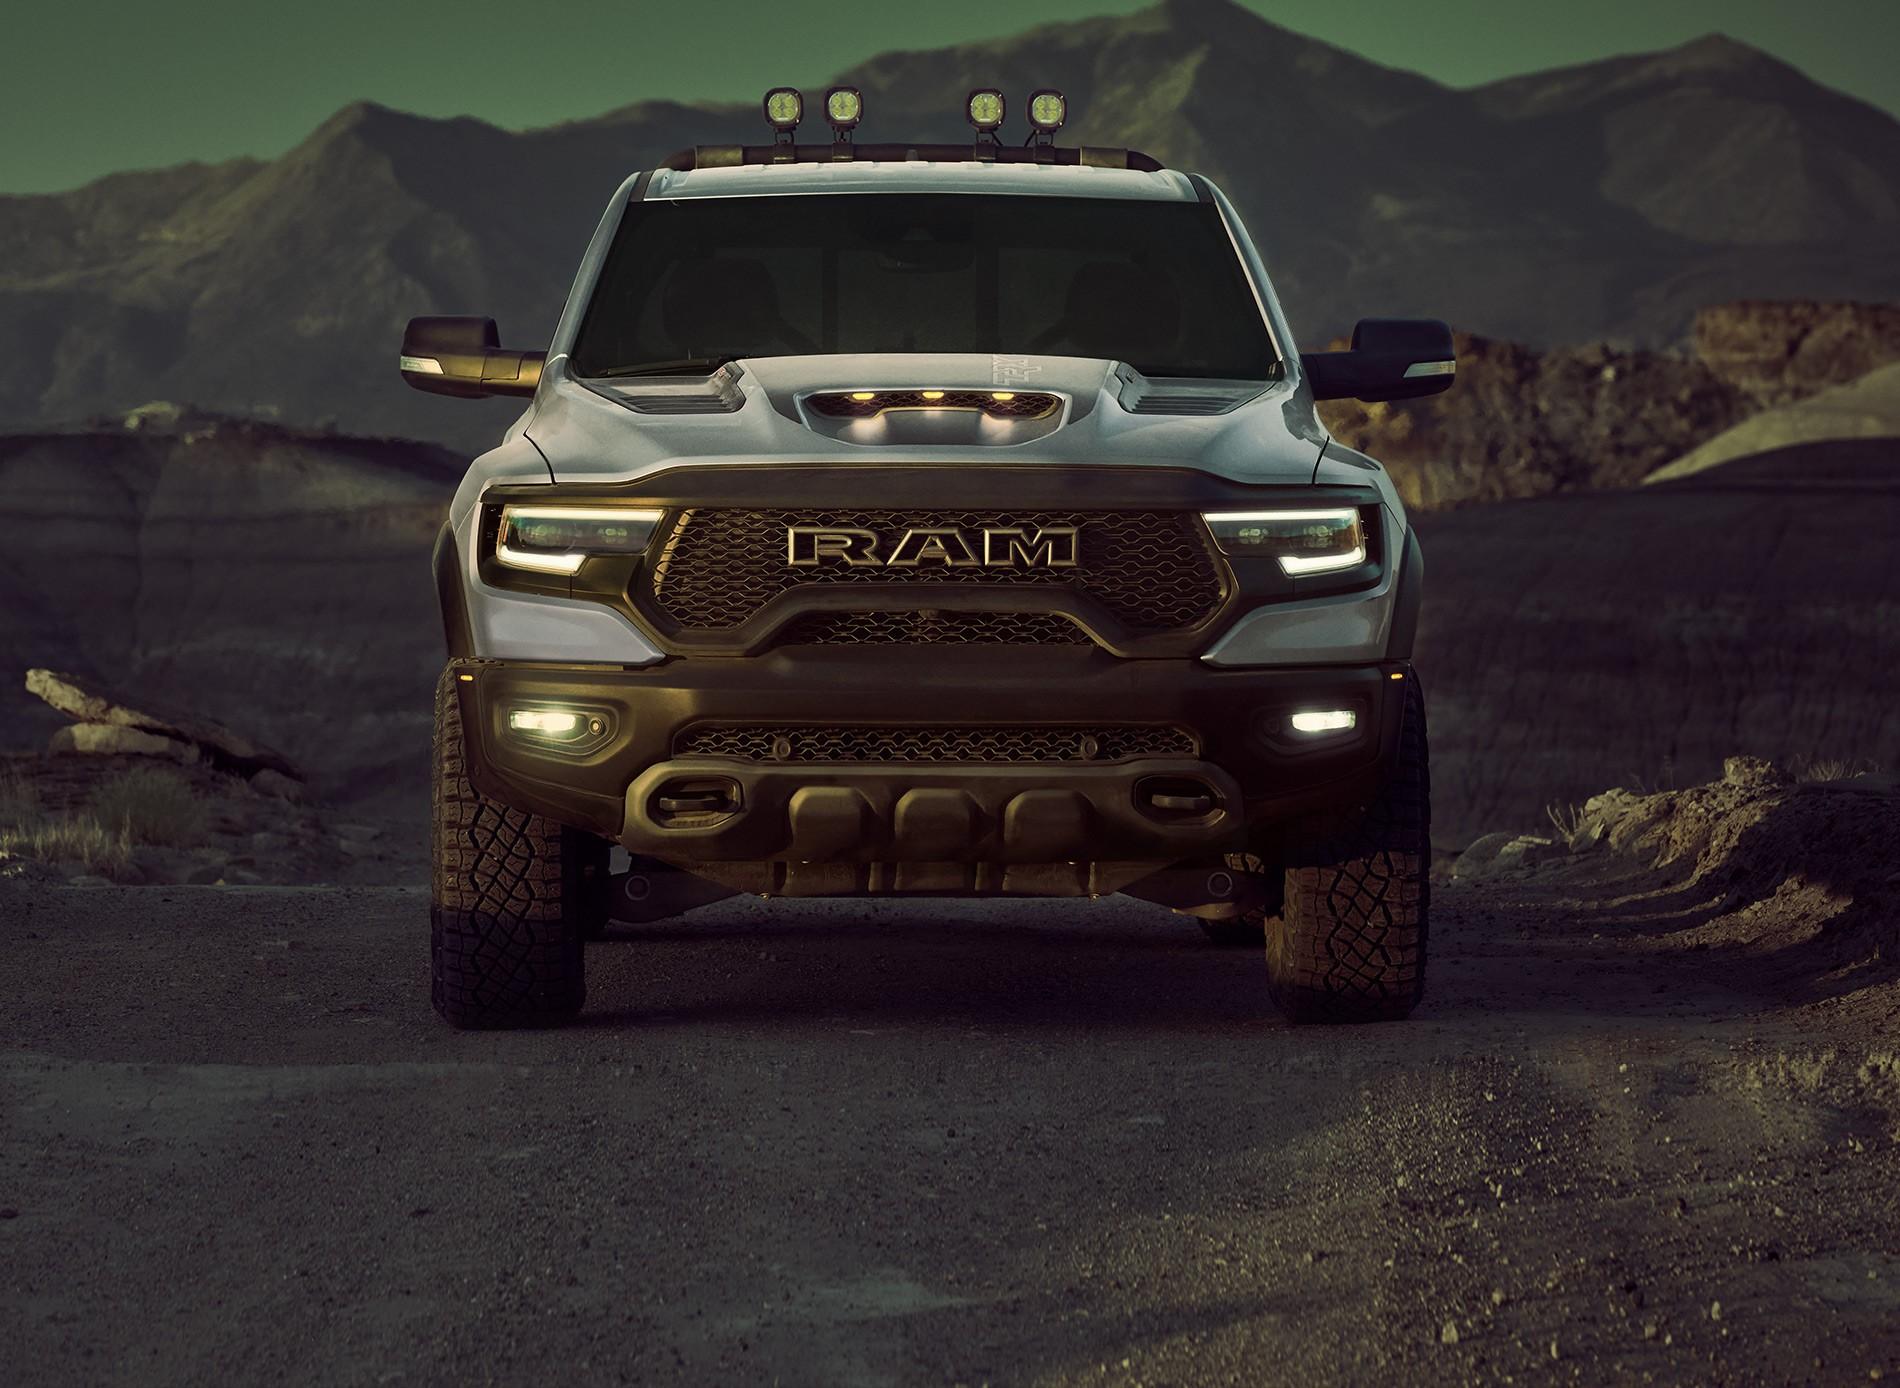 2021 RAM 1500 TRX at Okanagan Chrysler Jeep Dodge